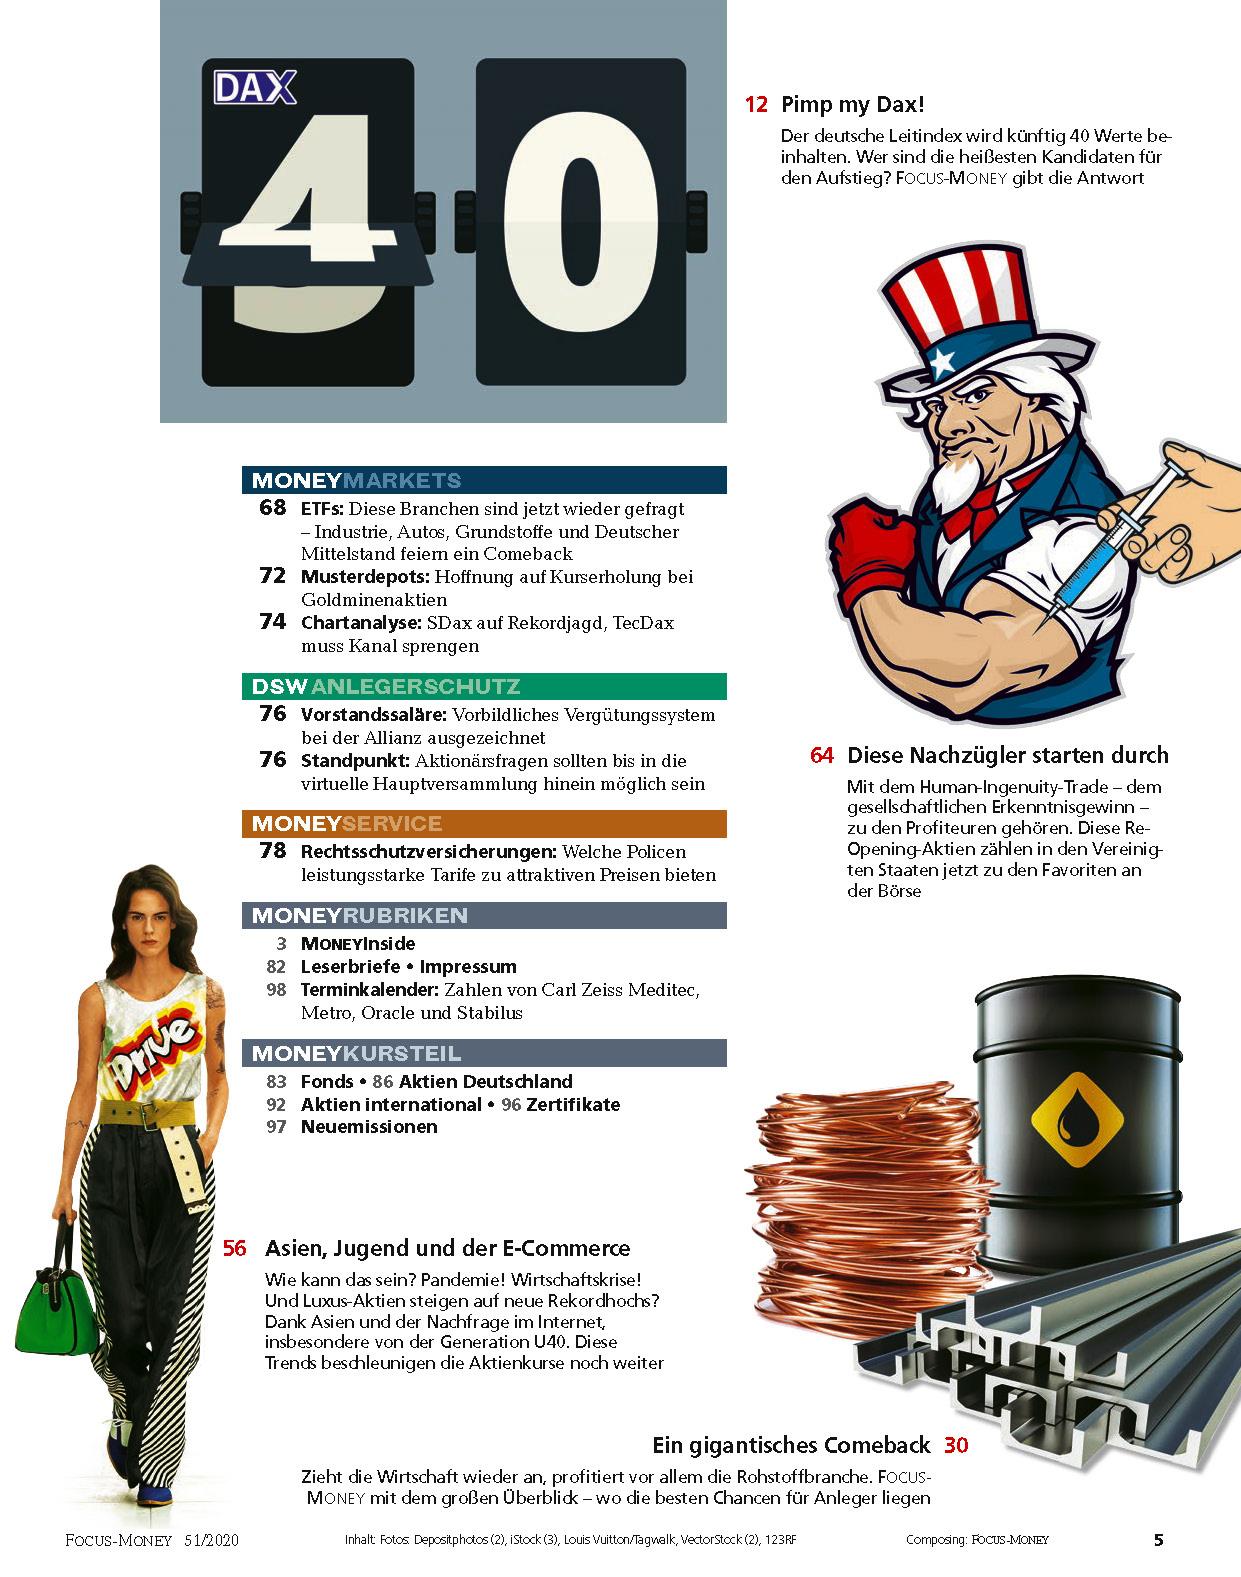 FOCUS-MONEY FOCUS MONEY – Dax über 14000 bis Silvester: Die besten Aktien für die Rally